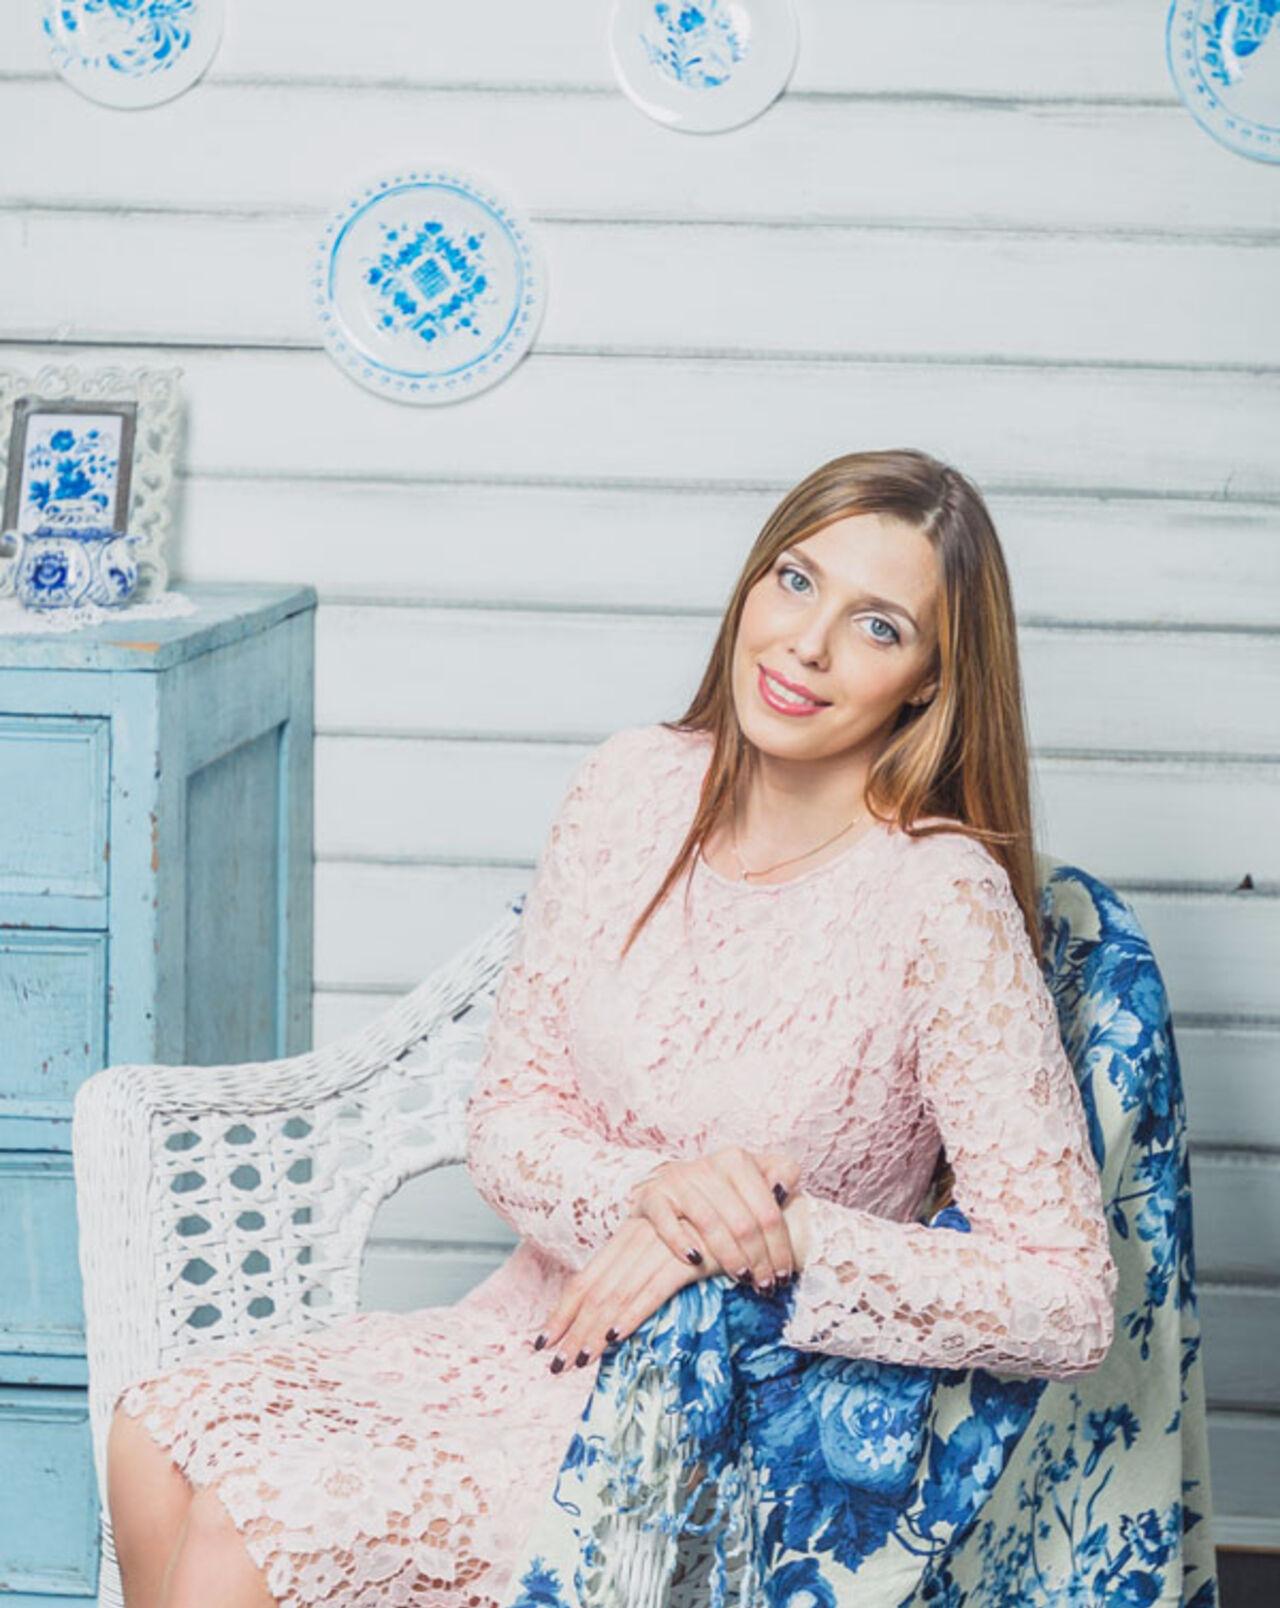 Роскошная блондинка изКрасноярска вошла втоп-5 самых красивых мам РФ